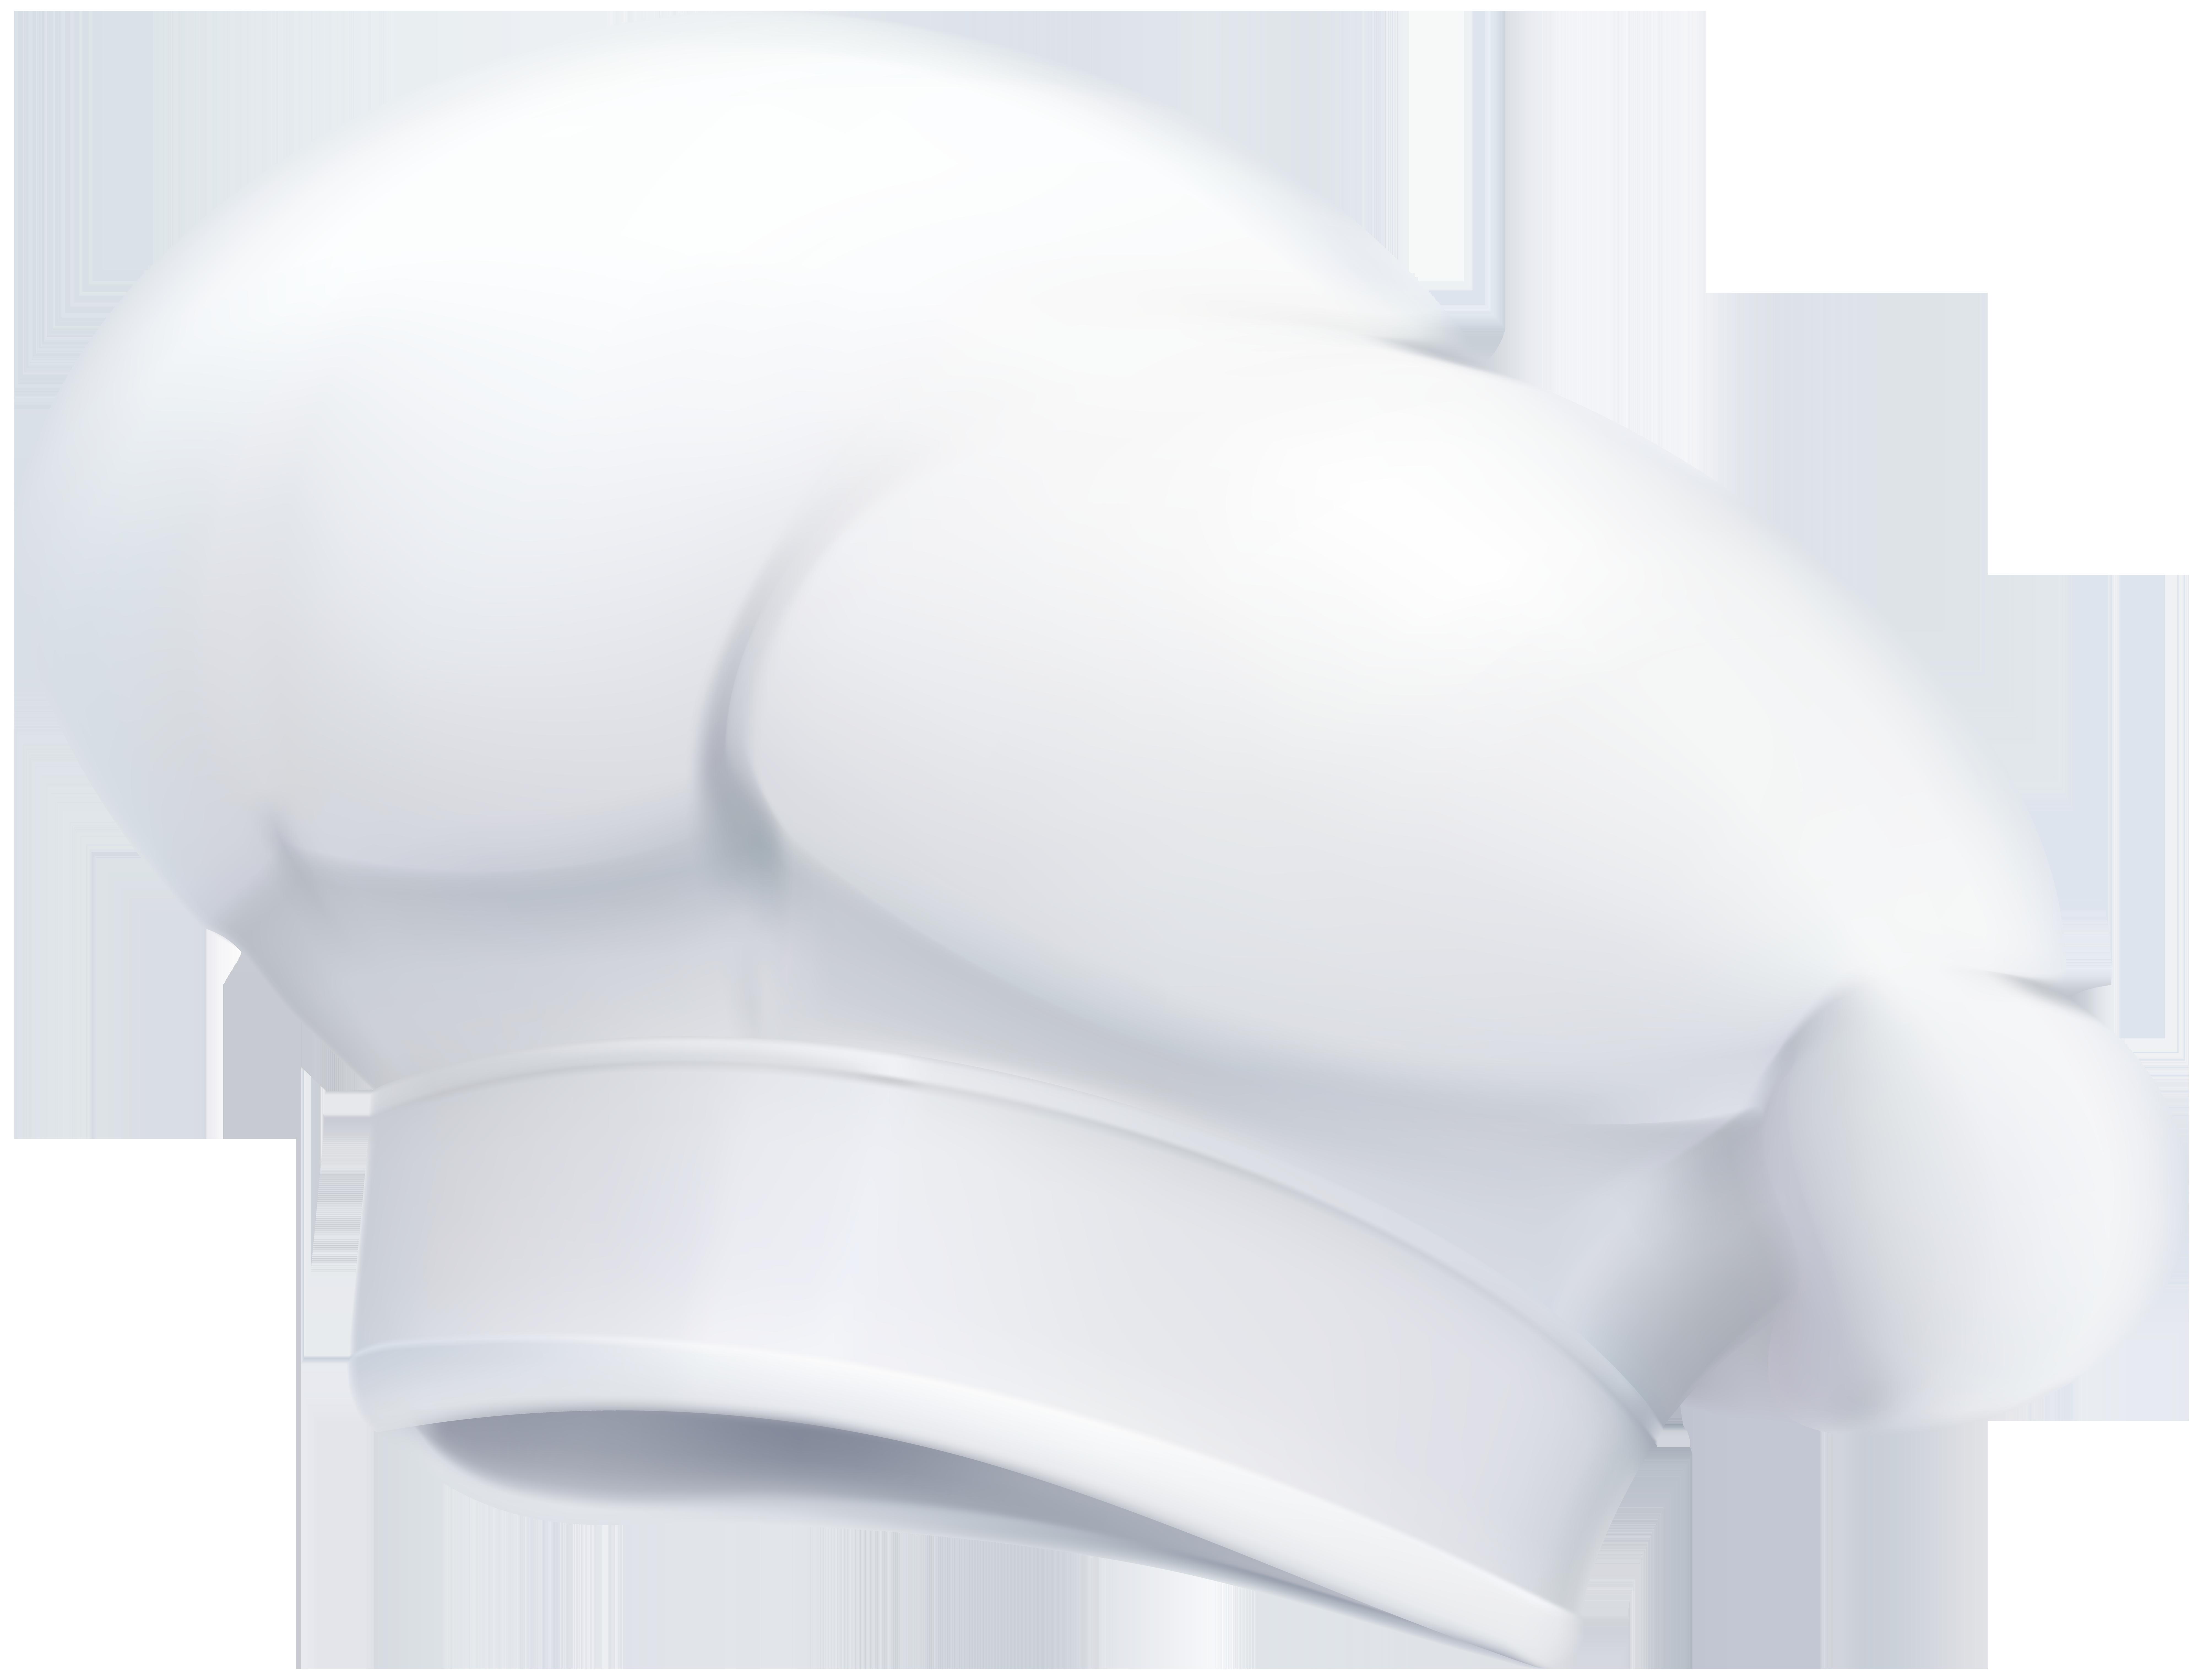 Chef Hat Transparent Clip Art Image.